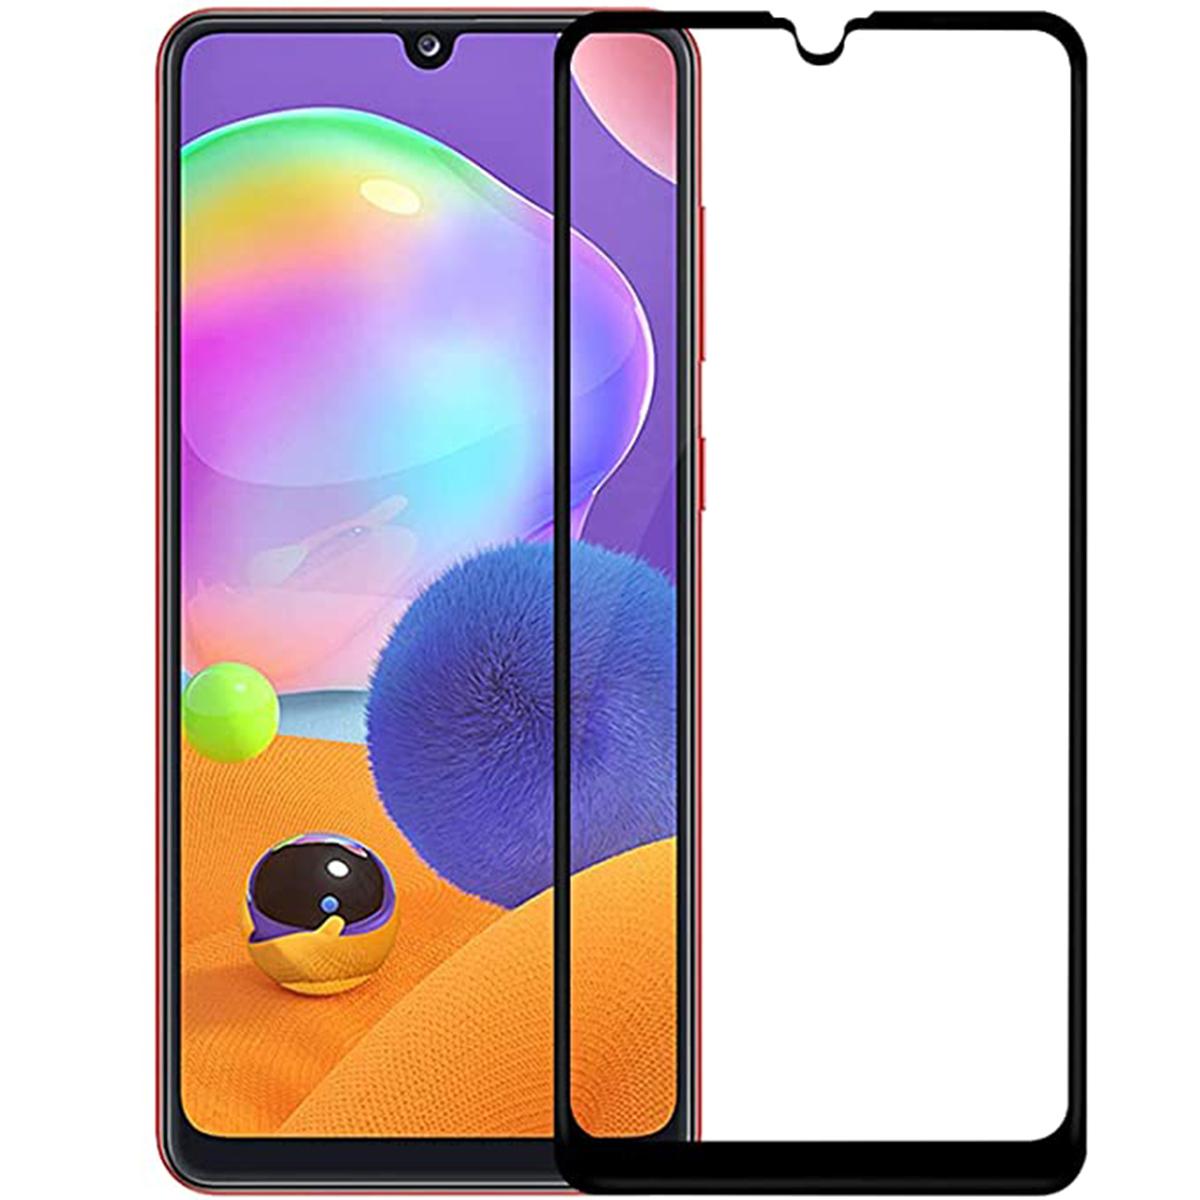 محافظ صفحه نمایش مدل PHSI مناسب برای گوشی موبایل سامسونگ Galaxy A31